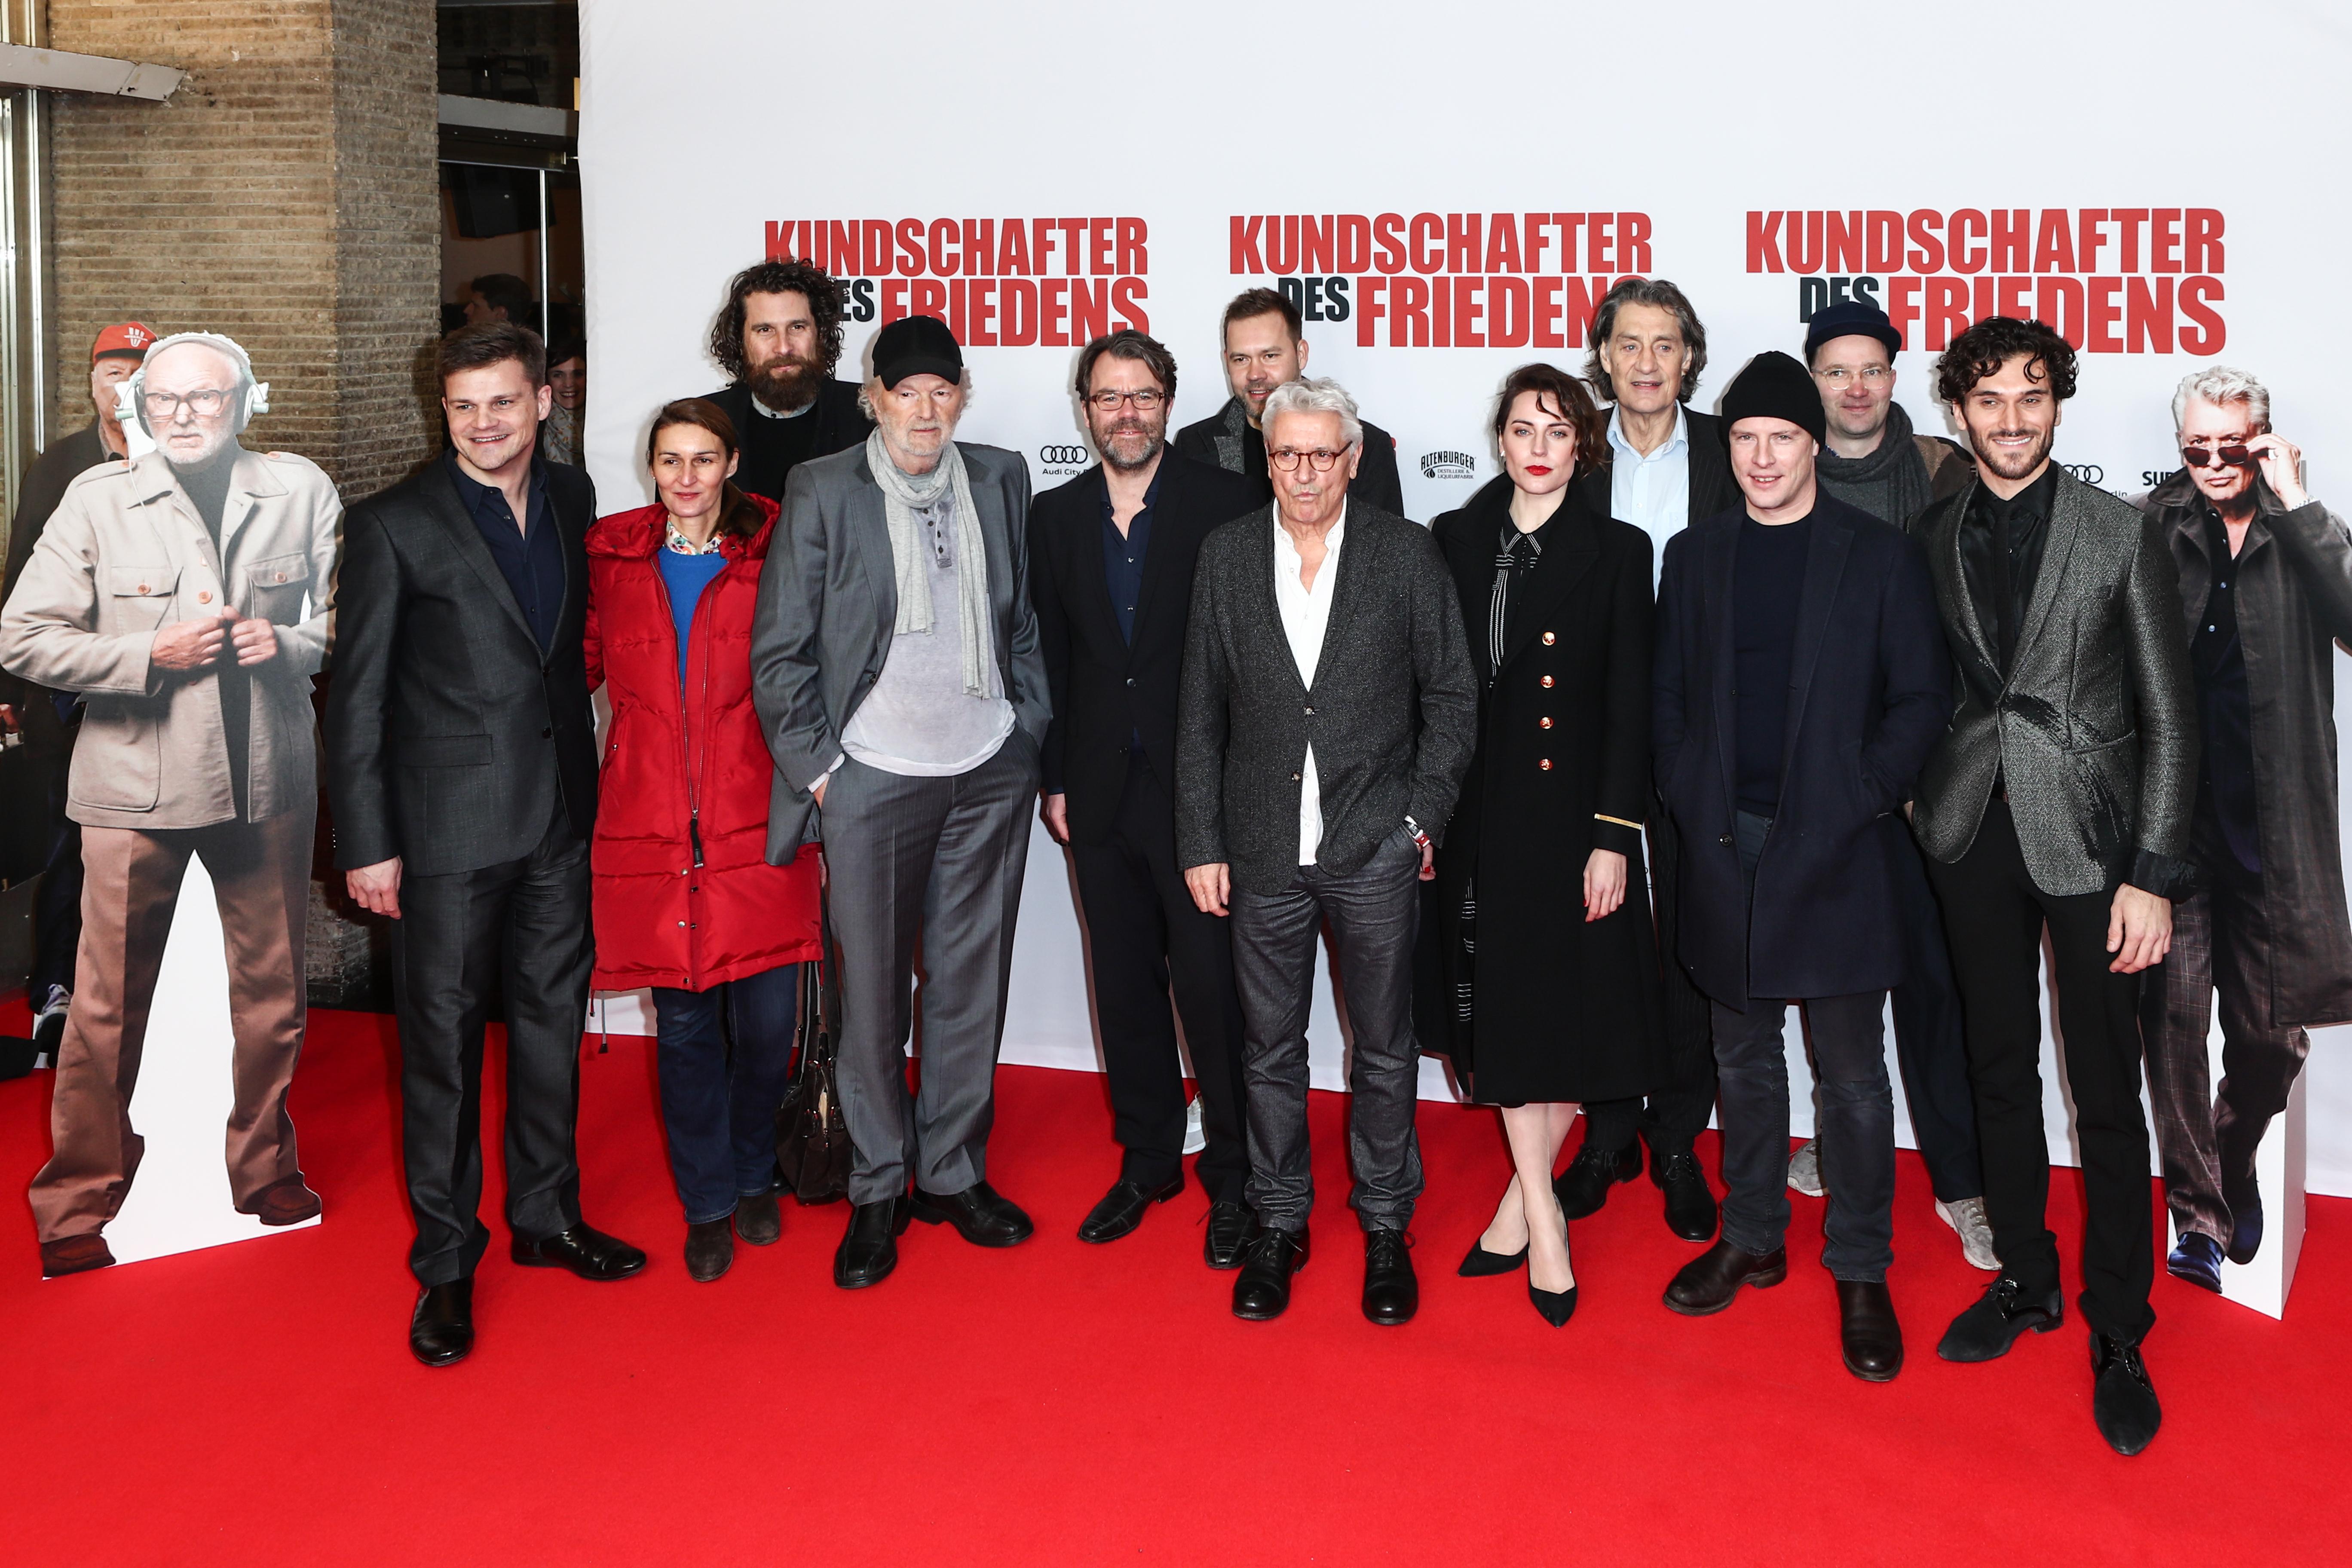 Cast und Crew - Weltpremiere des Films KUNDSCHAFTER DES FRIEDENS | Cast und Crew - Weltpremiere des Films KUNDSCHAFTER DES FRIEDENS